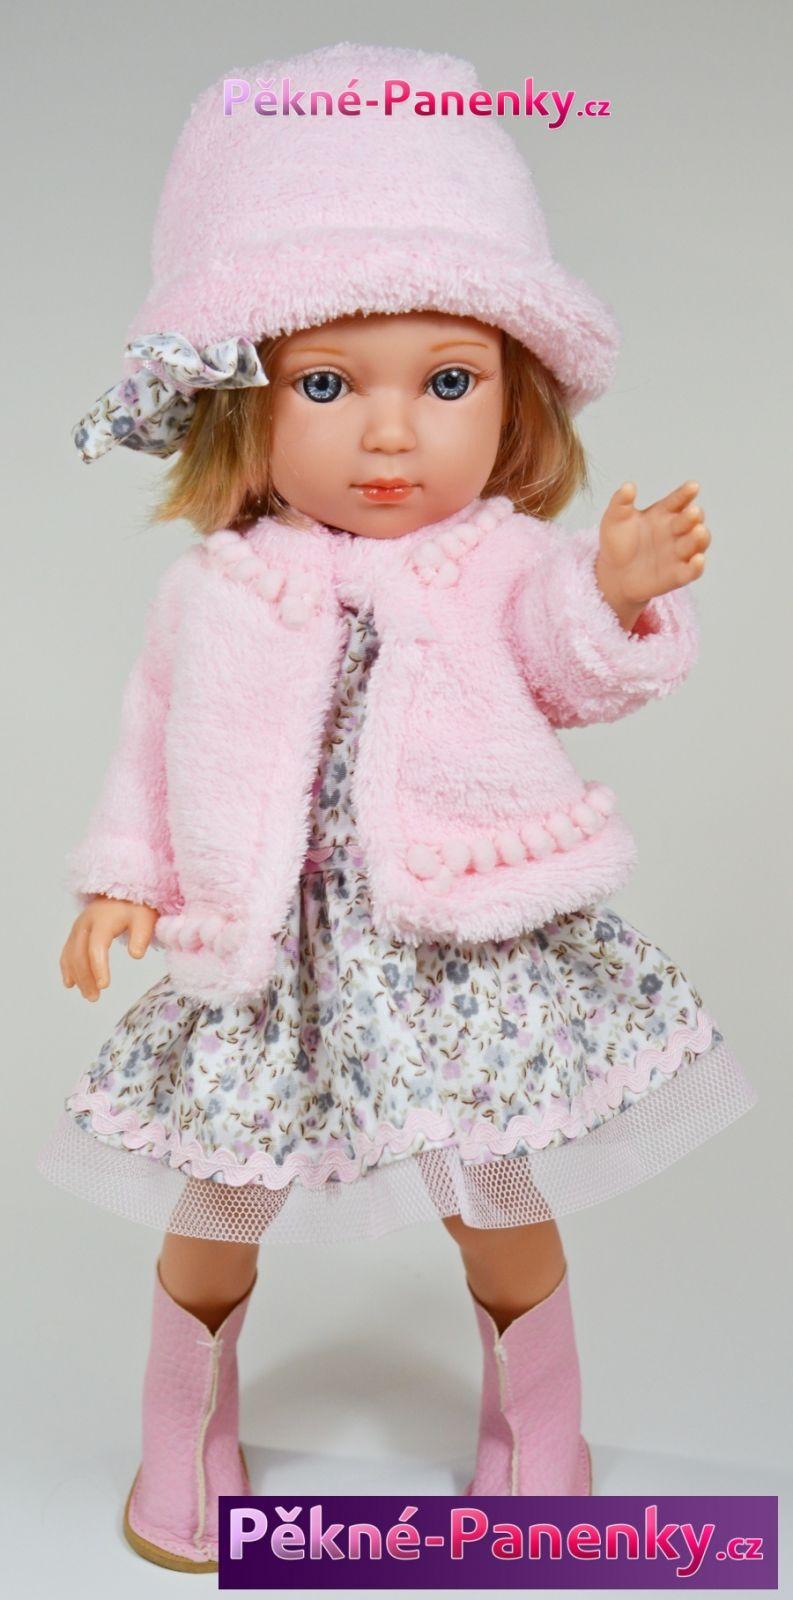 originalní španělské panenky pro děti realistická česací panenka s vlasy, která vypadá jako živá Arias mluvící panenky ze Španělska pro děti